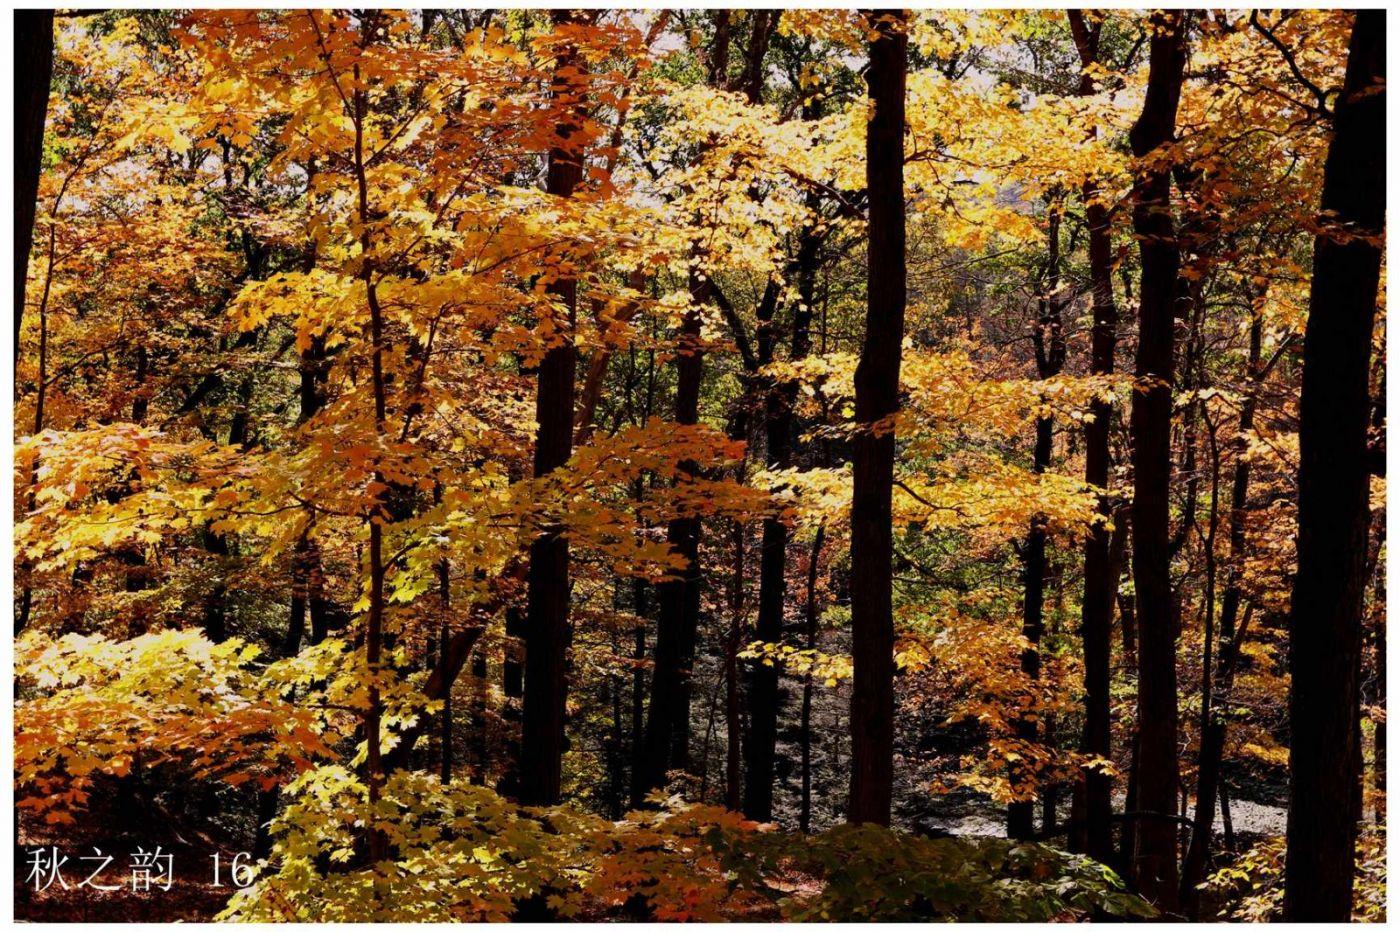 看万山红遍,层林尽染_图1-8